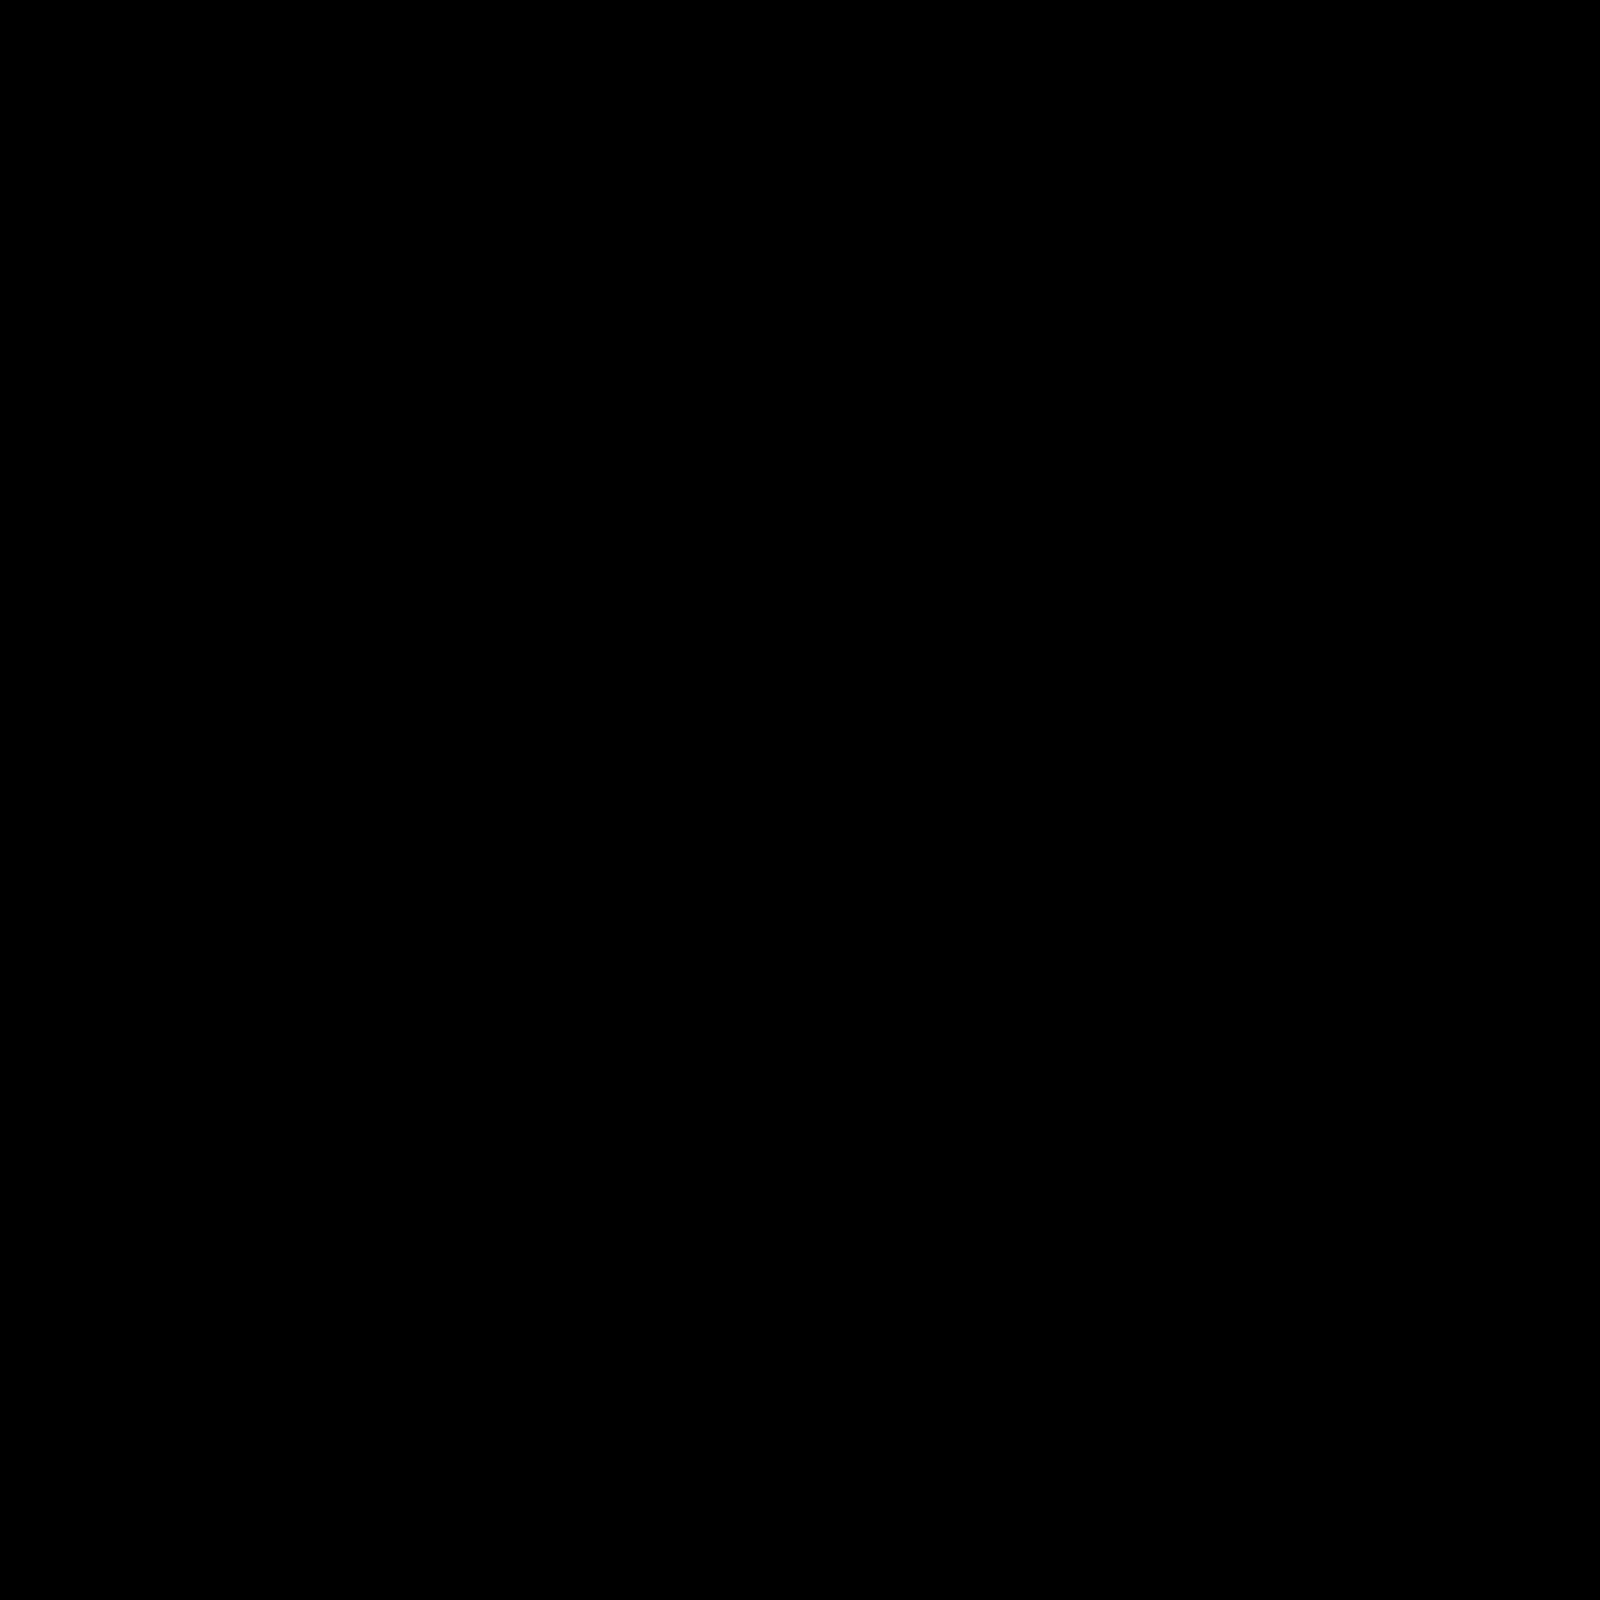 カメラの向上 icon